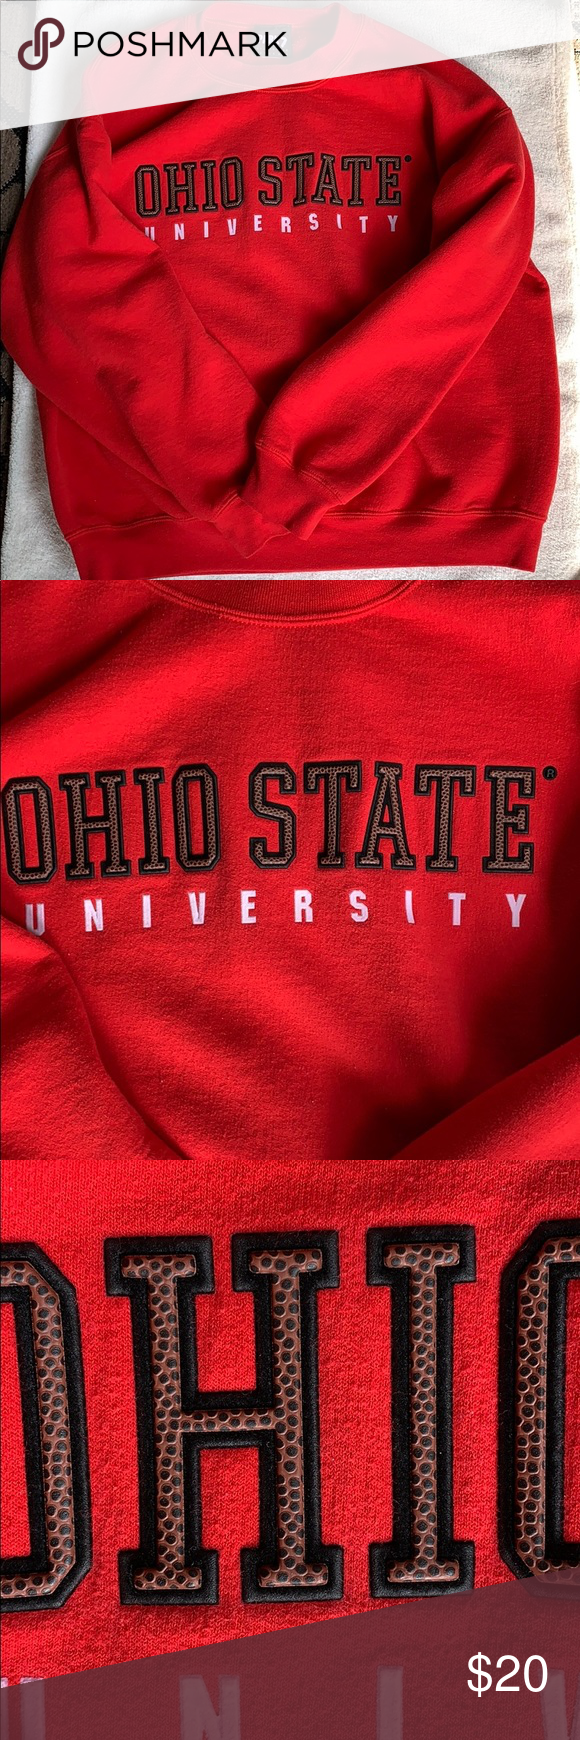 Vintage Ohio State animal print sweatshirt Large🏈 (With